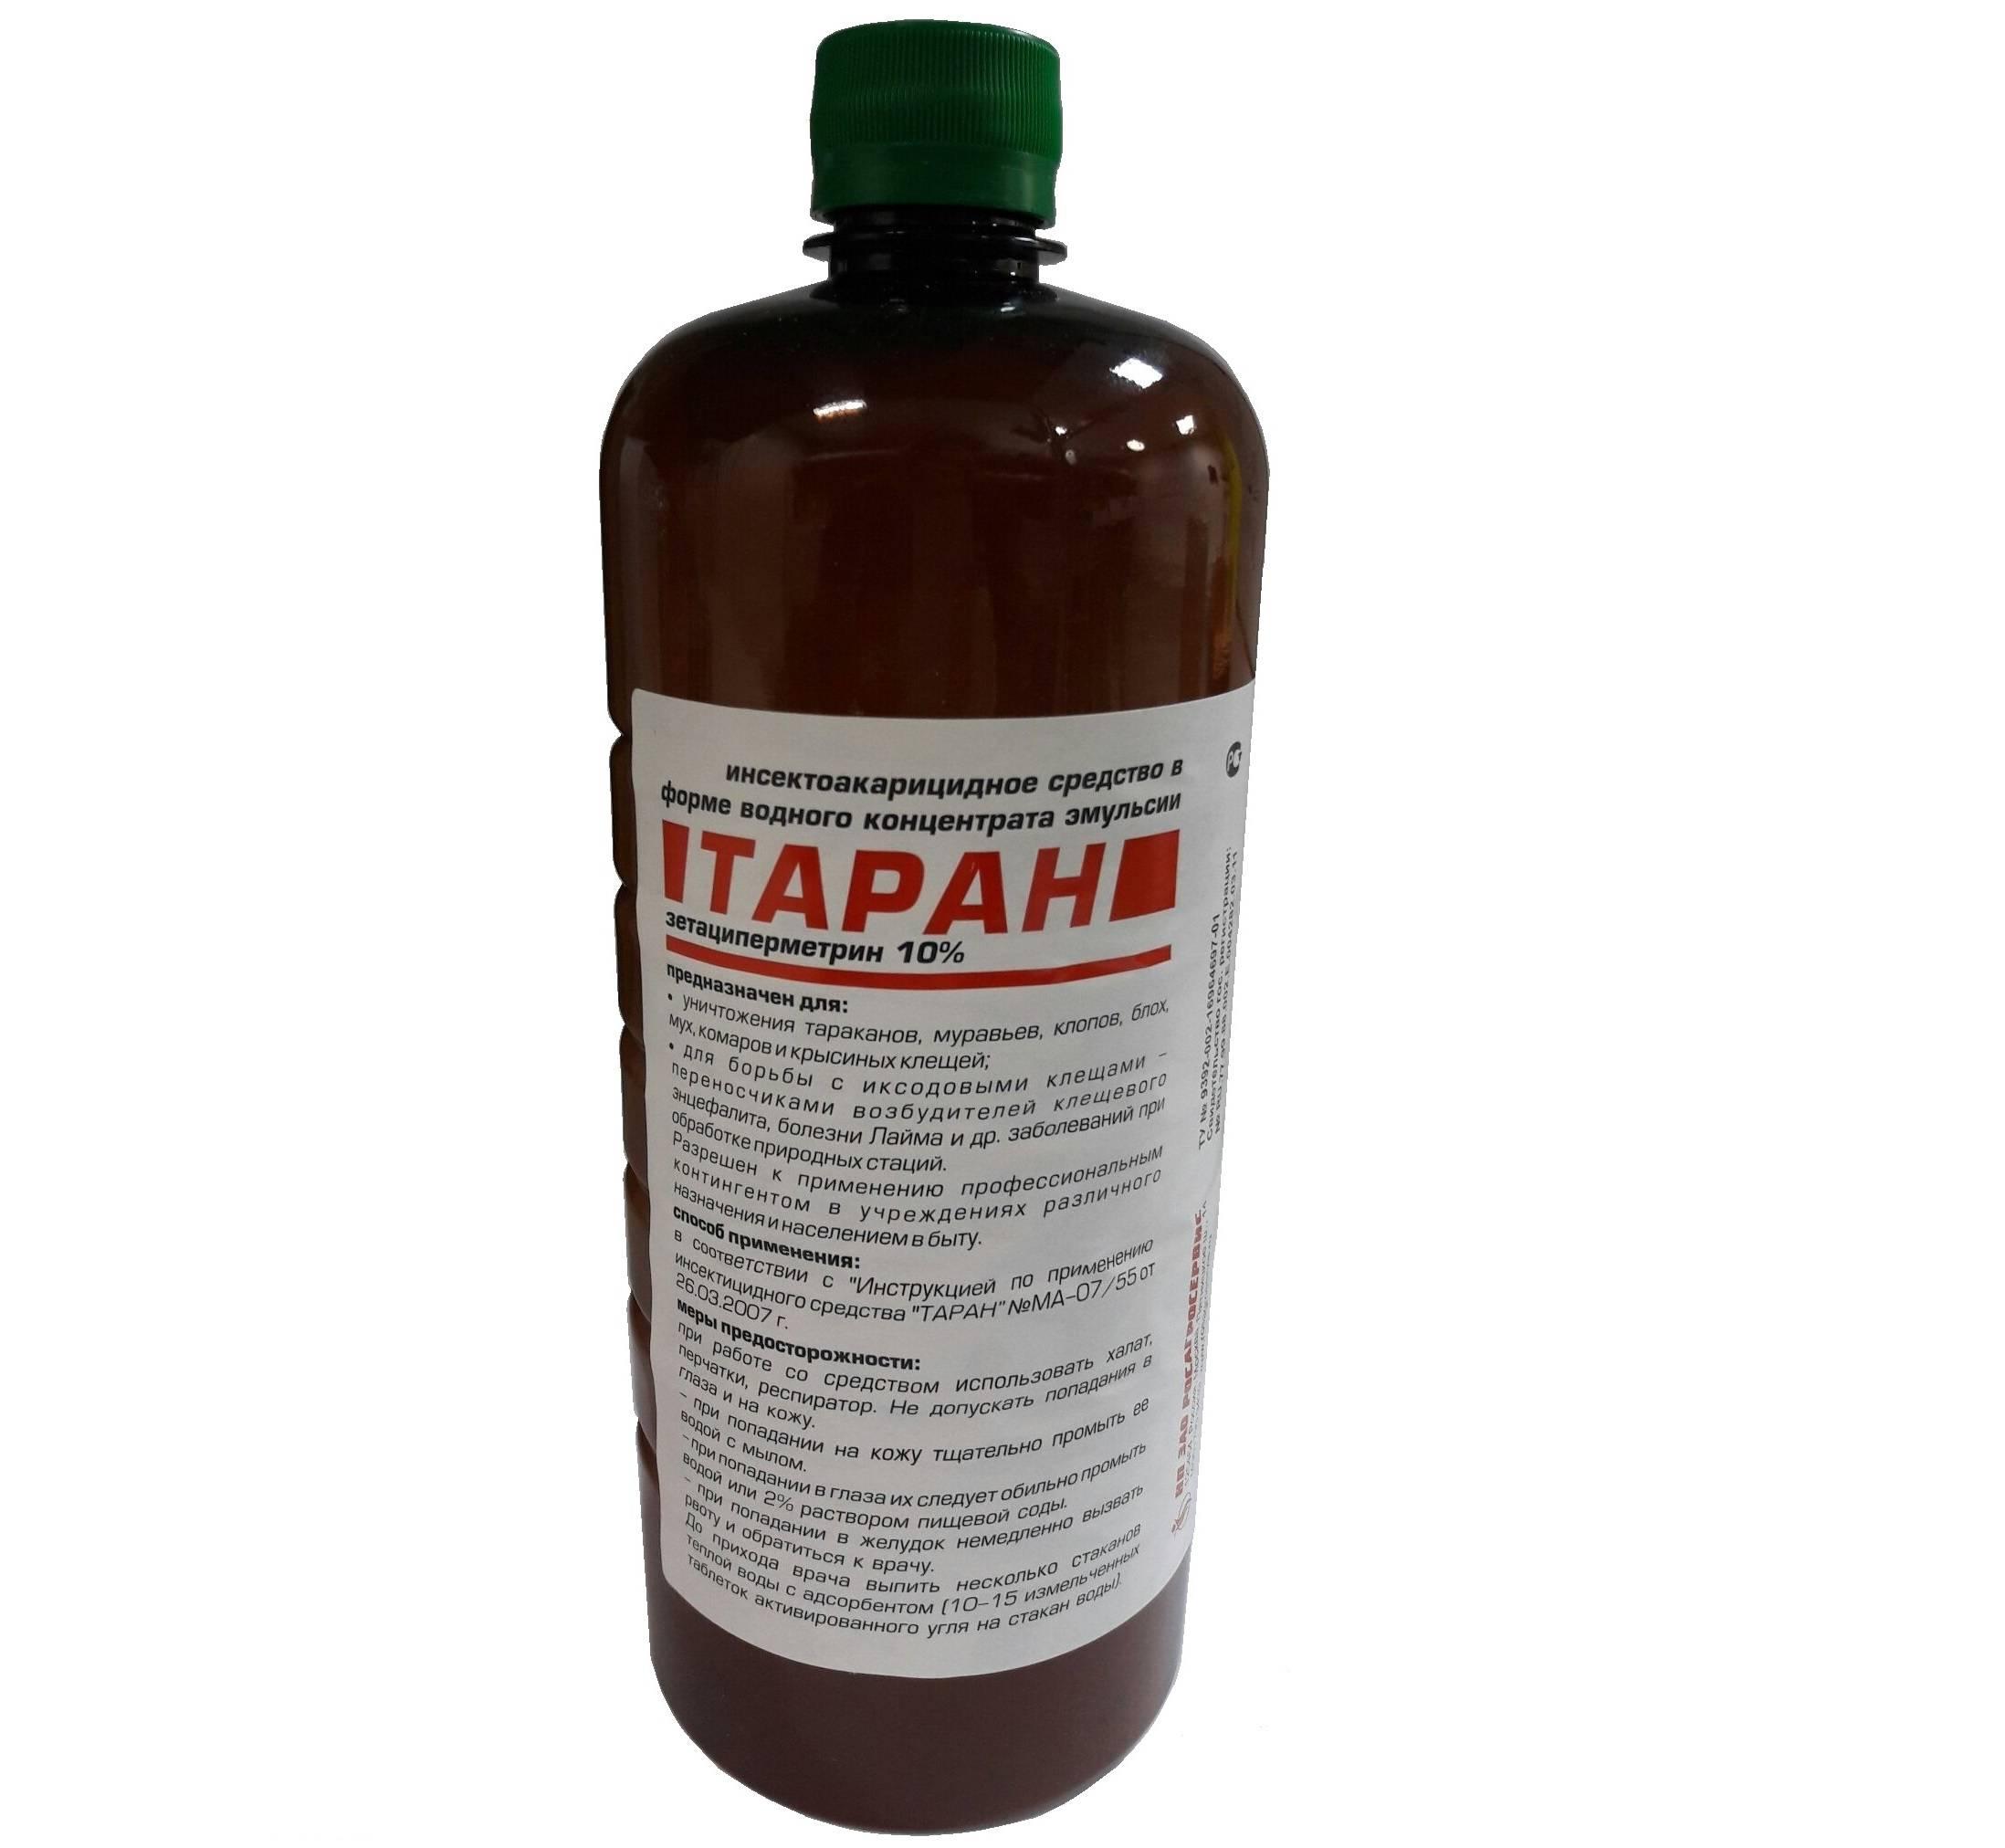 «таран» – универсальный препарат для борьбы с насекомыми